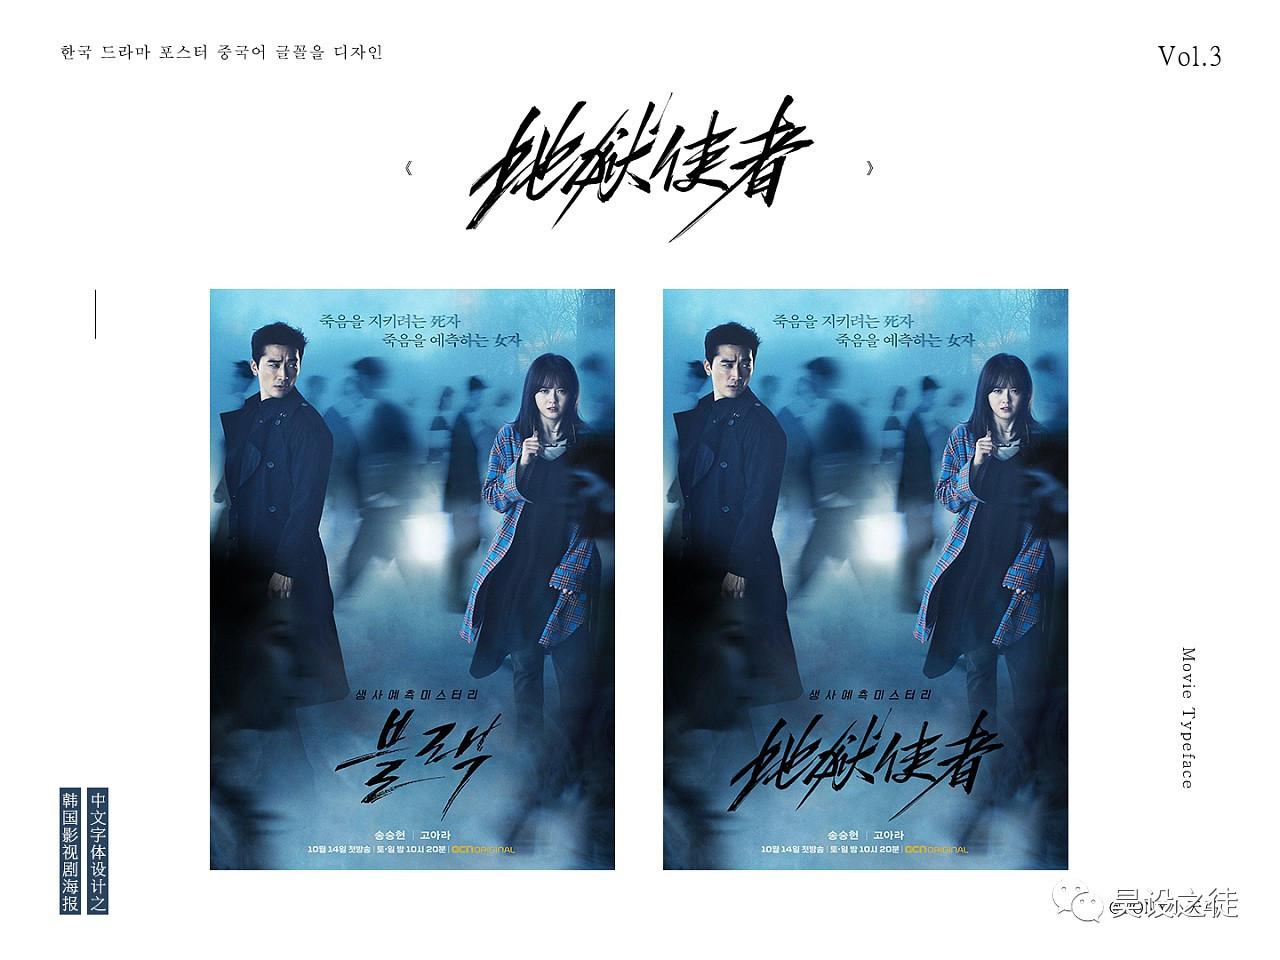 韩国影视剧海报字体的中文版设计